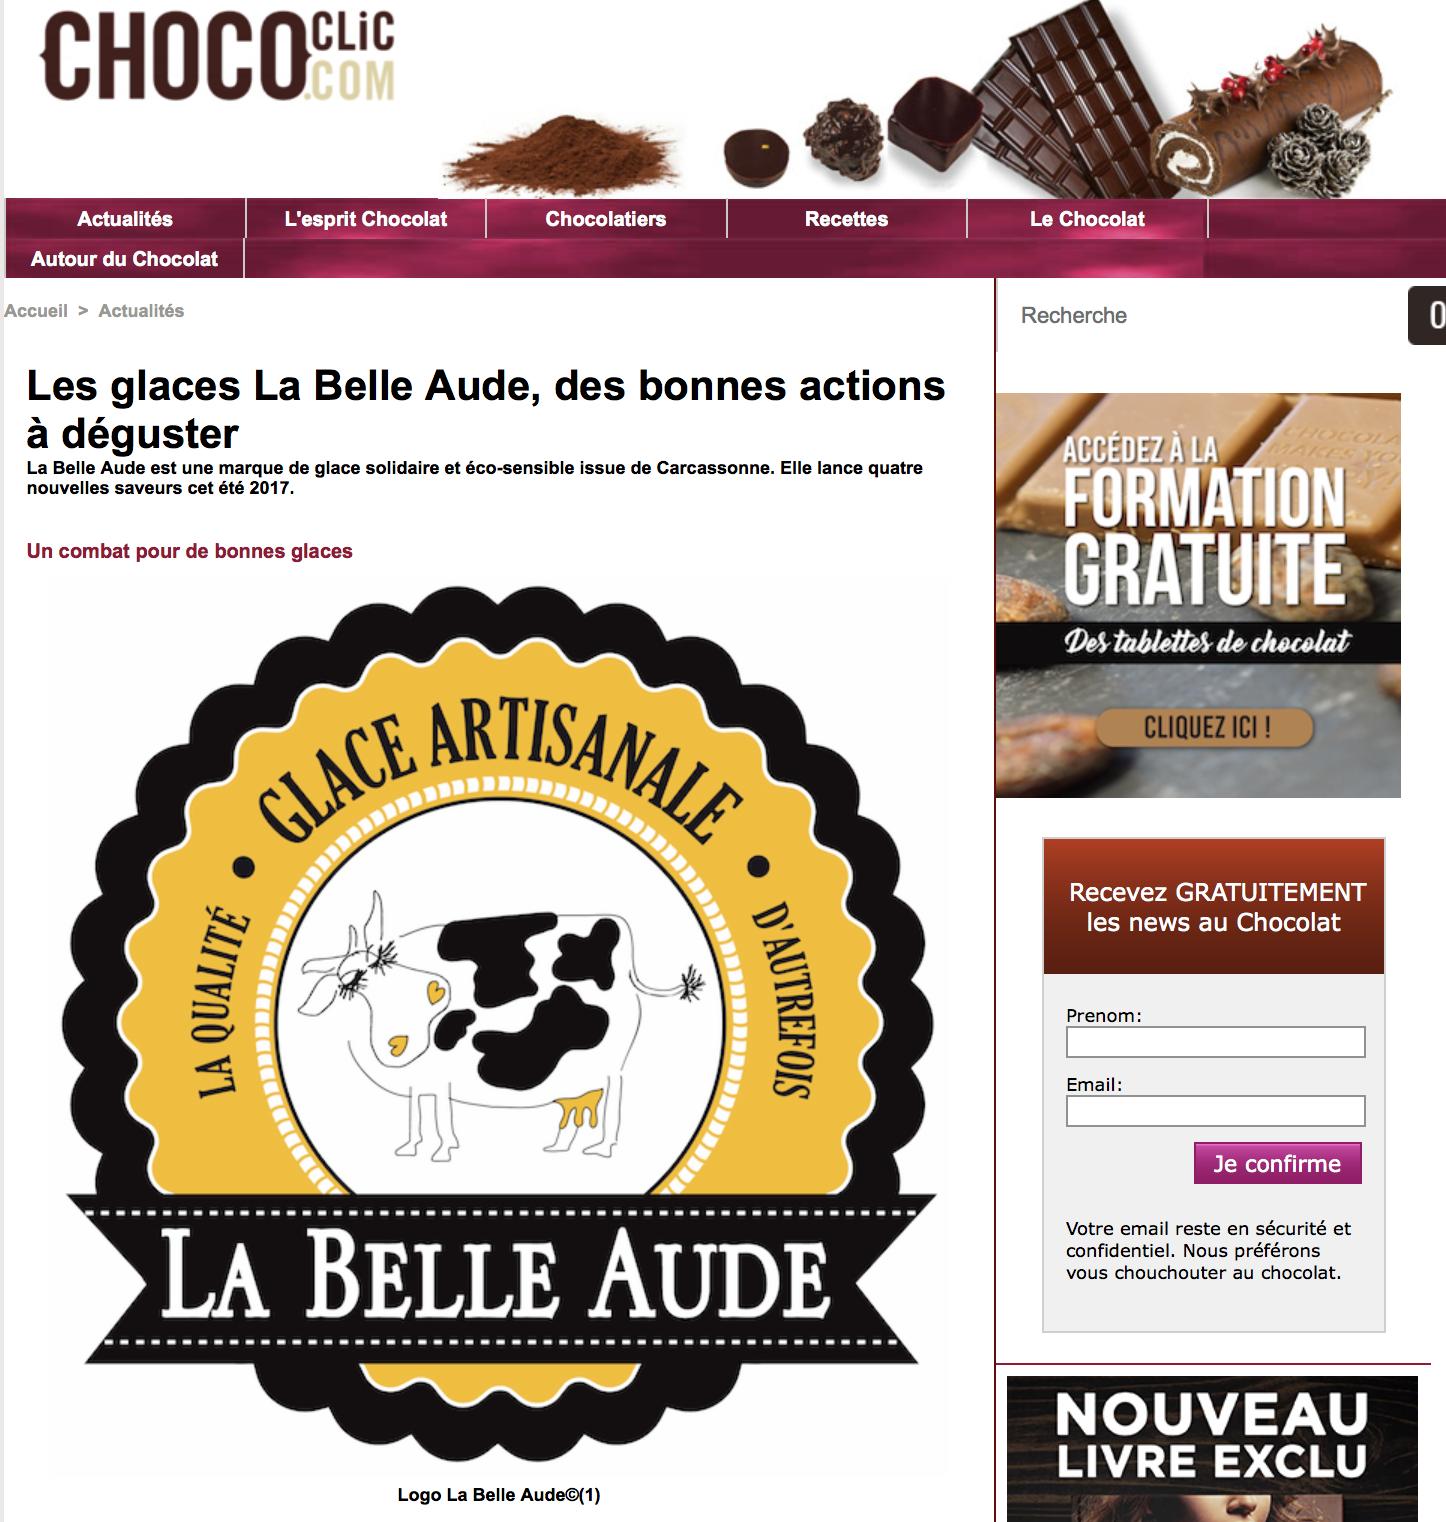 Chococlic.com parle de La Belle Aude